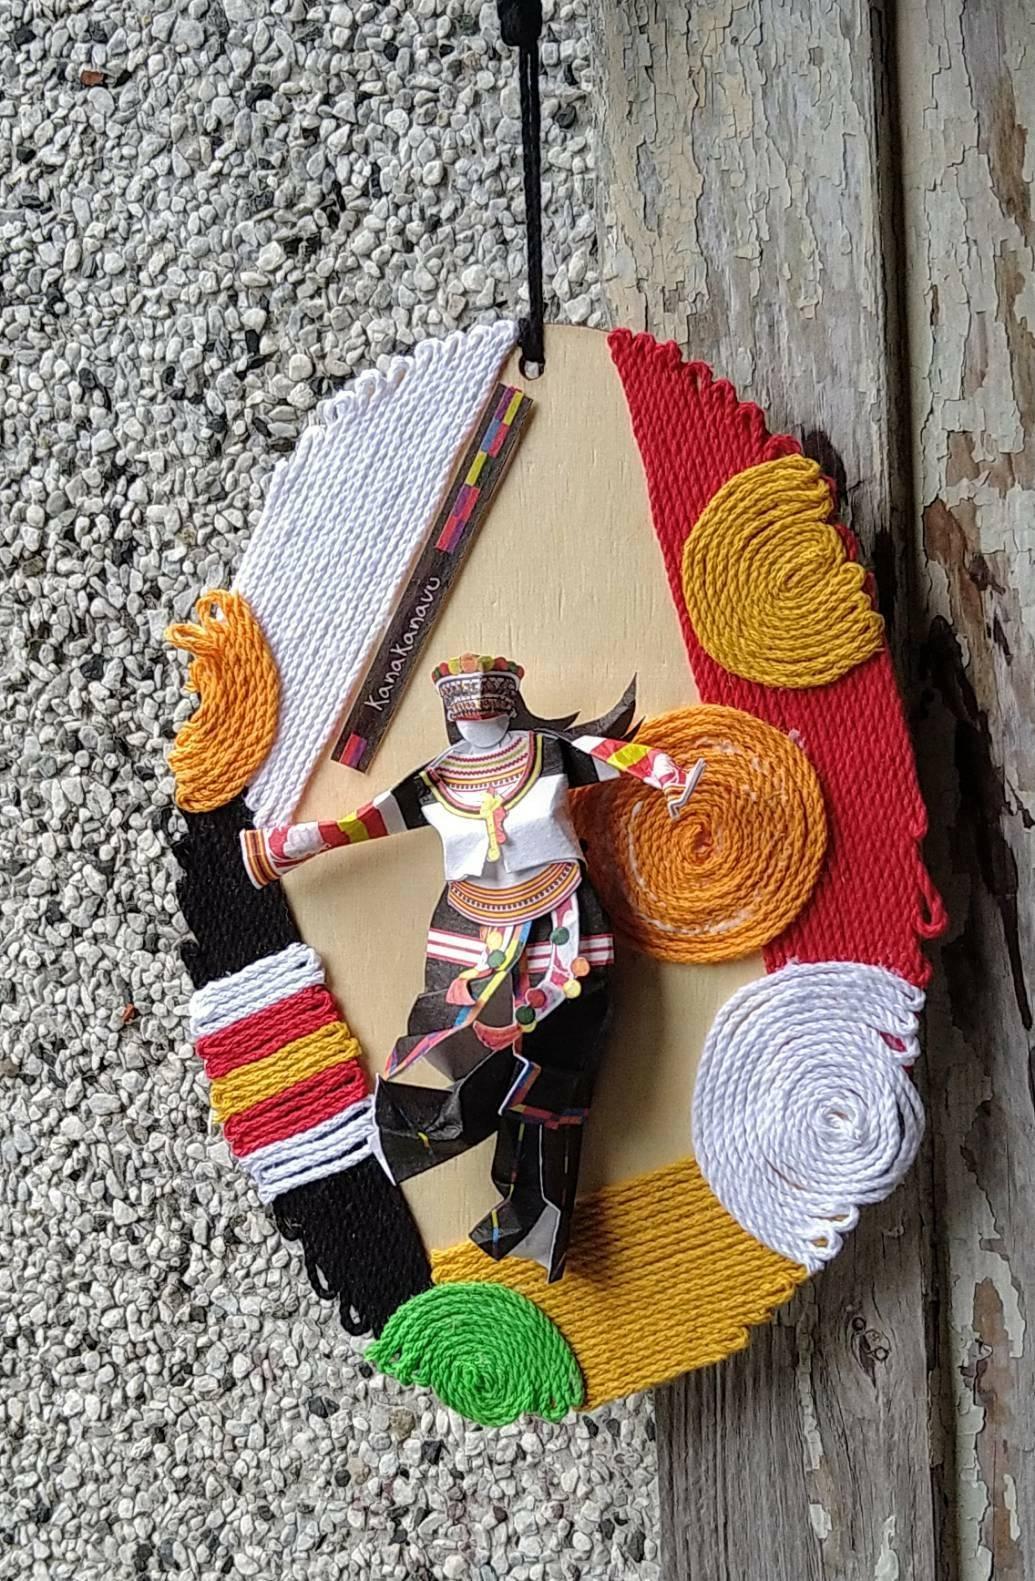 卡那卡那富族紙藝木掛飾創作